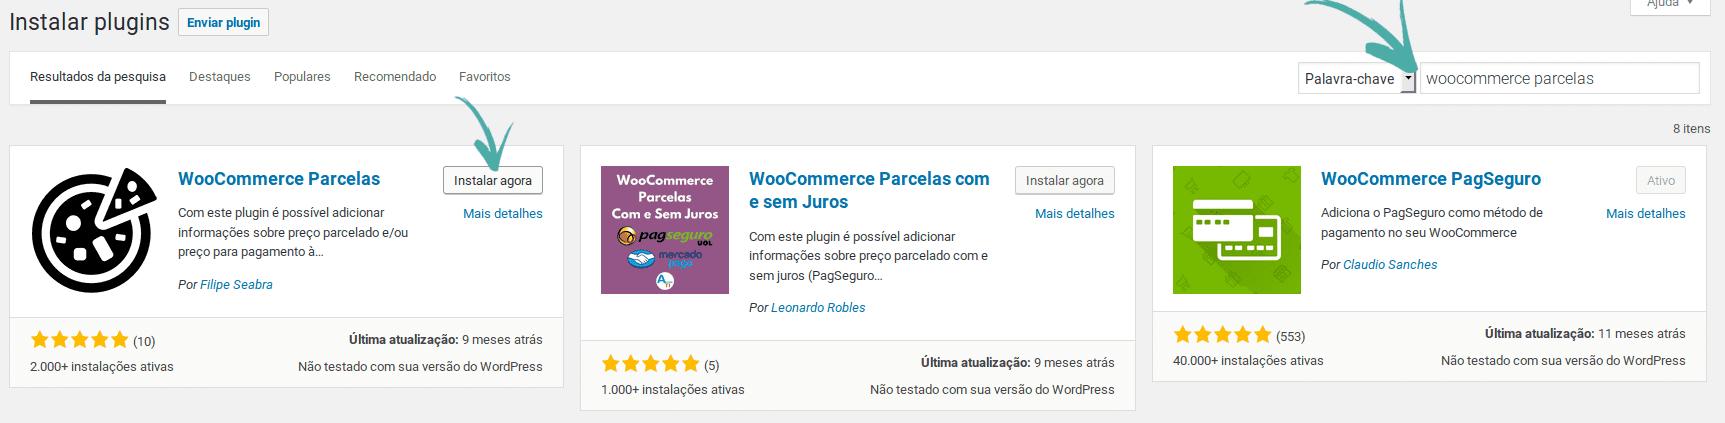 WooCommerce Parcelas - Parcelamento de produtos da loja